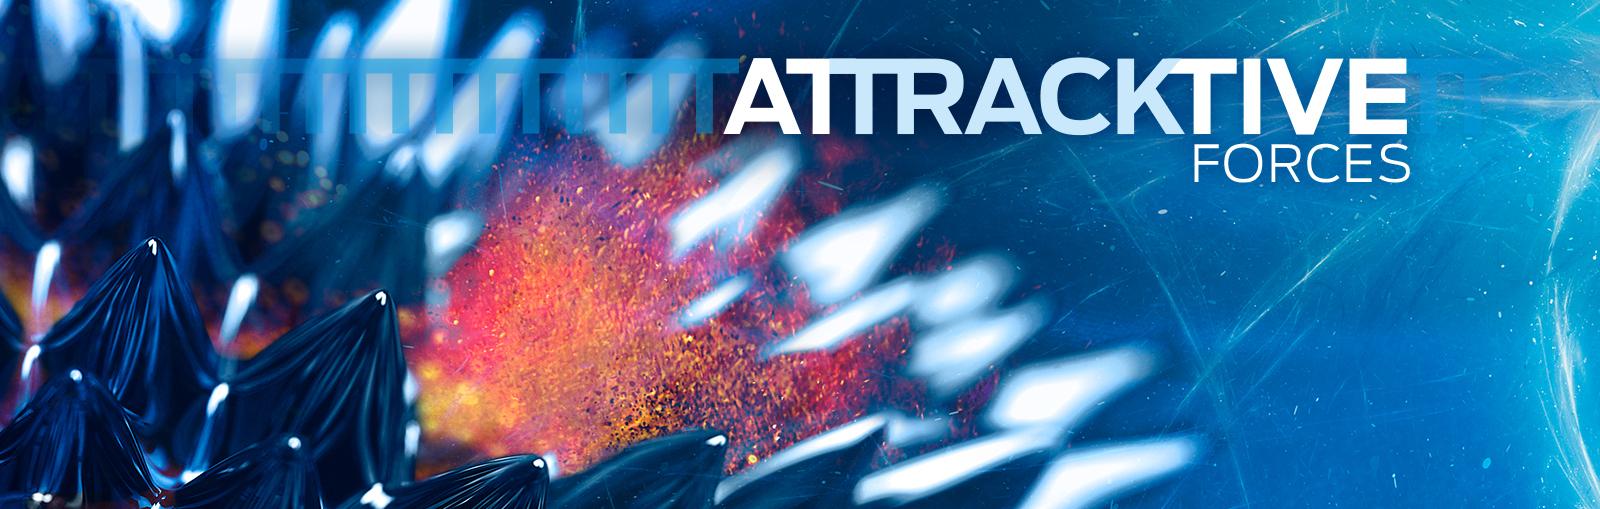 Attracktion #4